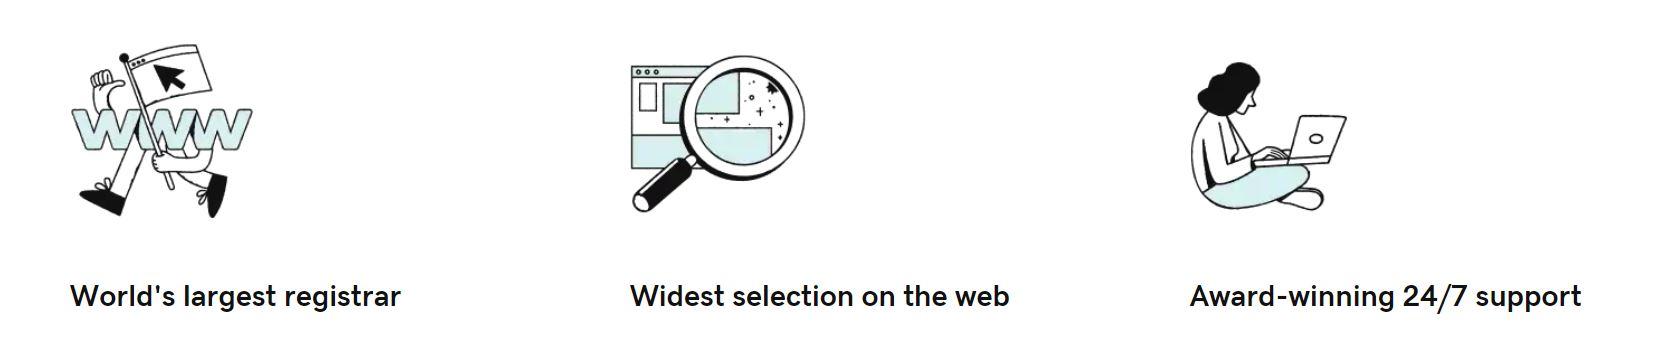 Puedes buscar un dominio disponible en un registrador de dominios online.